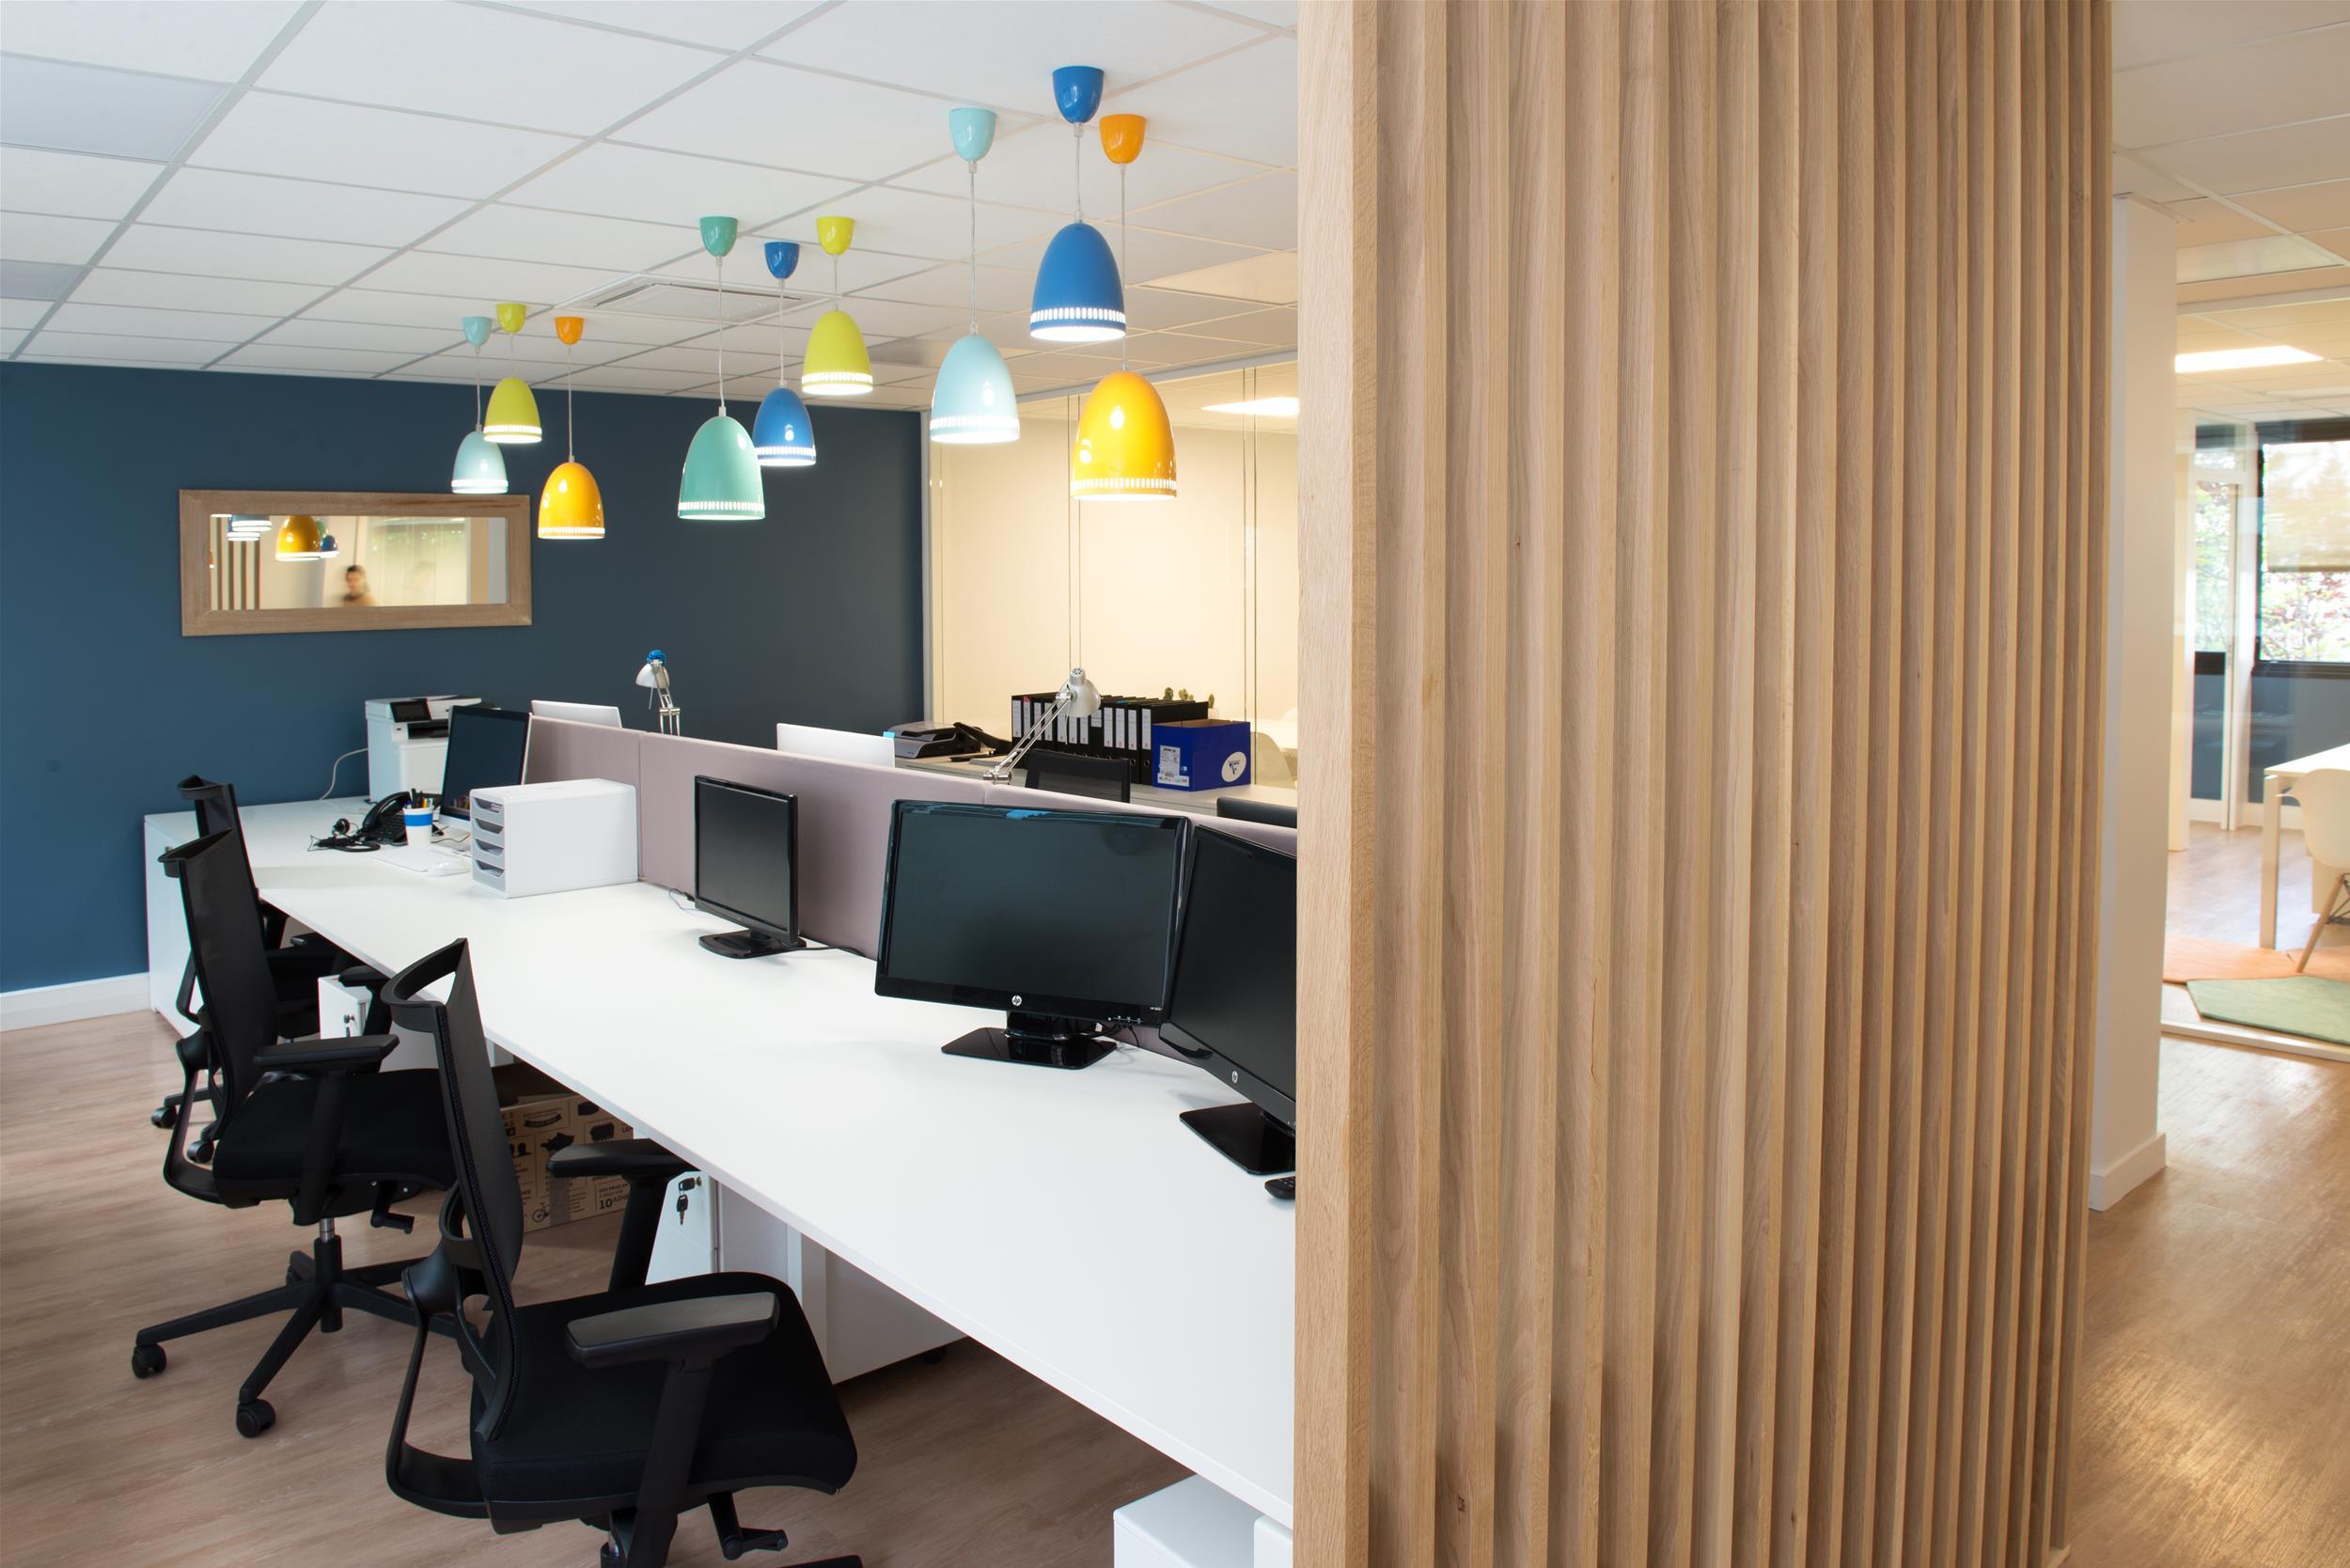 luminaires-suspensions-open space-table connectée-fauteuil